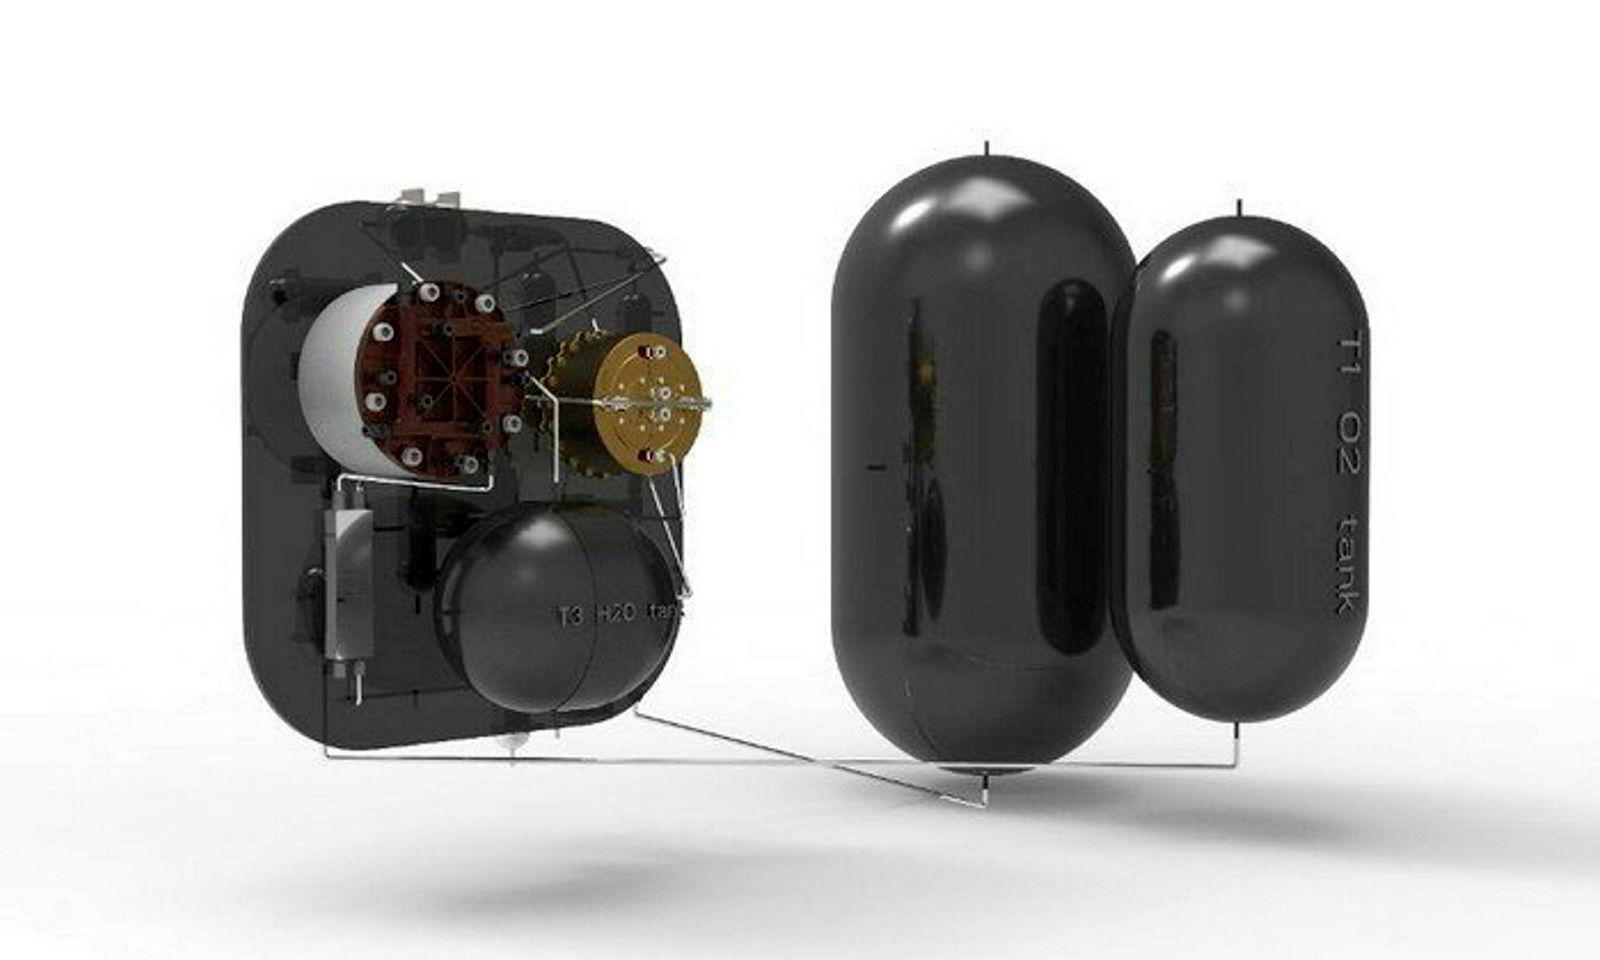 Brenselcellen er et lukket sløyfesystem der en solenergidrevet elektrolysator produserer hydrogen og oksygen fra vann. Enegien lagres for senere bruk om natten. I løpet av månenatten tilføres hydrogen og oksygen brenselcellen for å generere elektrisk kraft og varme. Vann er avfallsproduktet. Dette vannet blir gjenvunnet og gjenbrukt når den beskrevne syklusen gjentas.